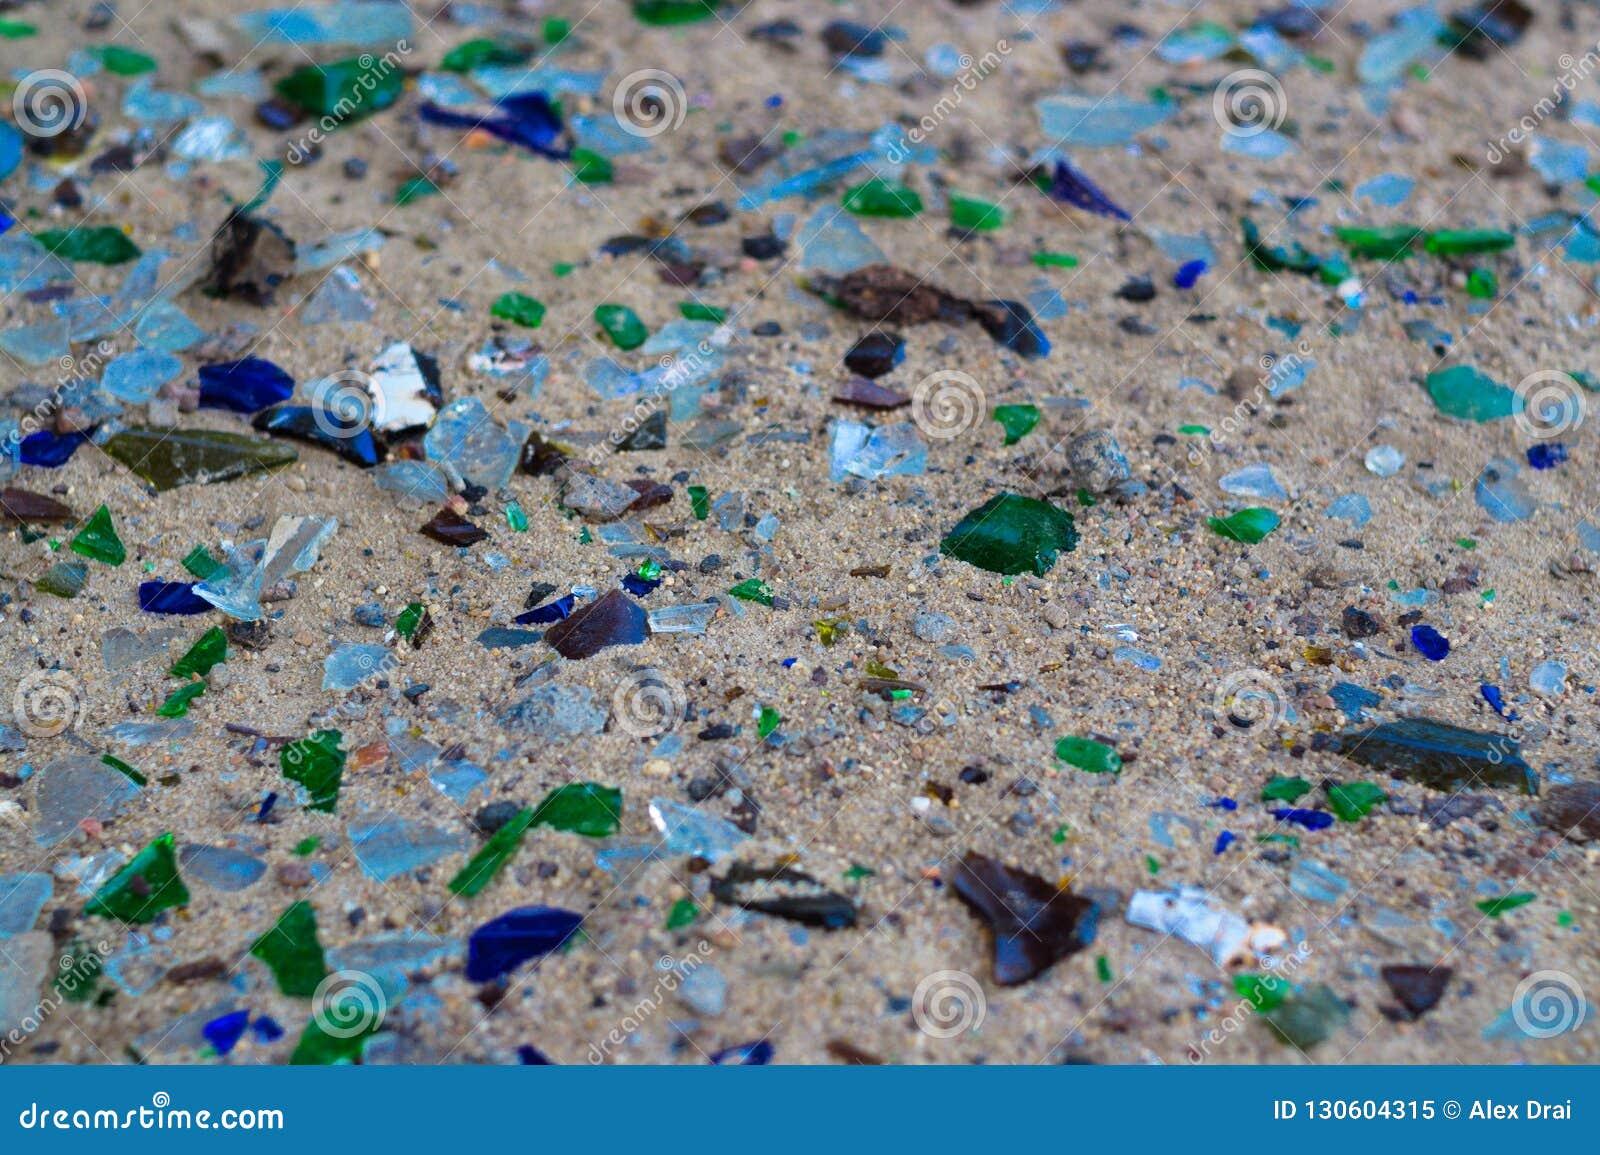 Gebroken glasflessen op wit zand De flessen is groene en blauwe kleur Afval op het zand Ecologisch probleem